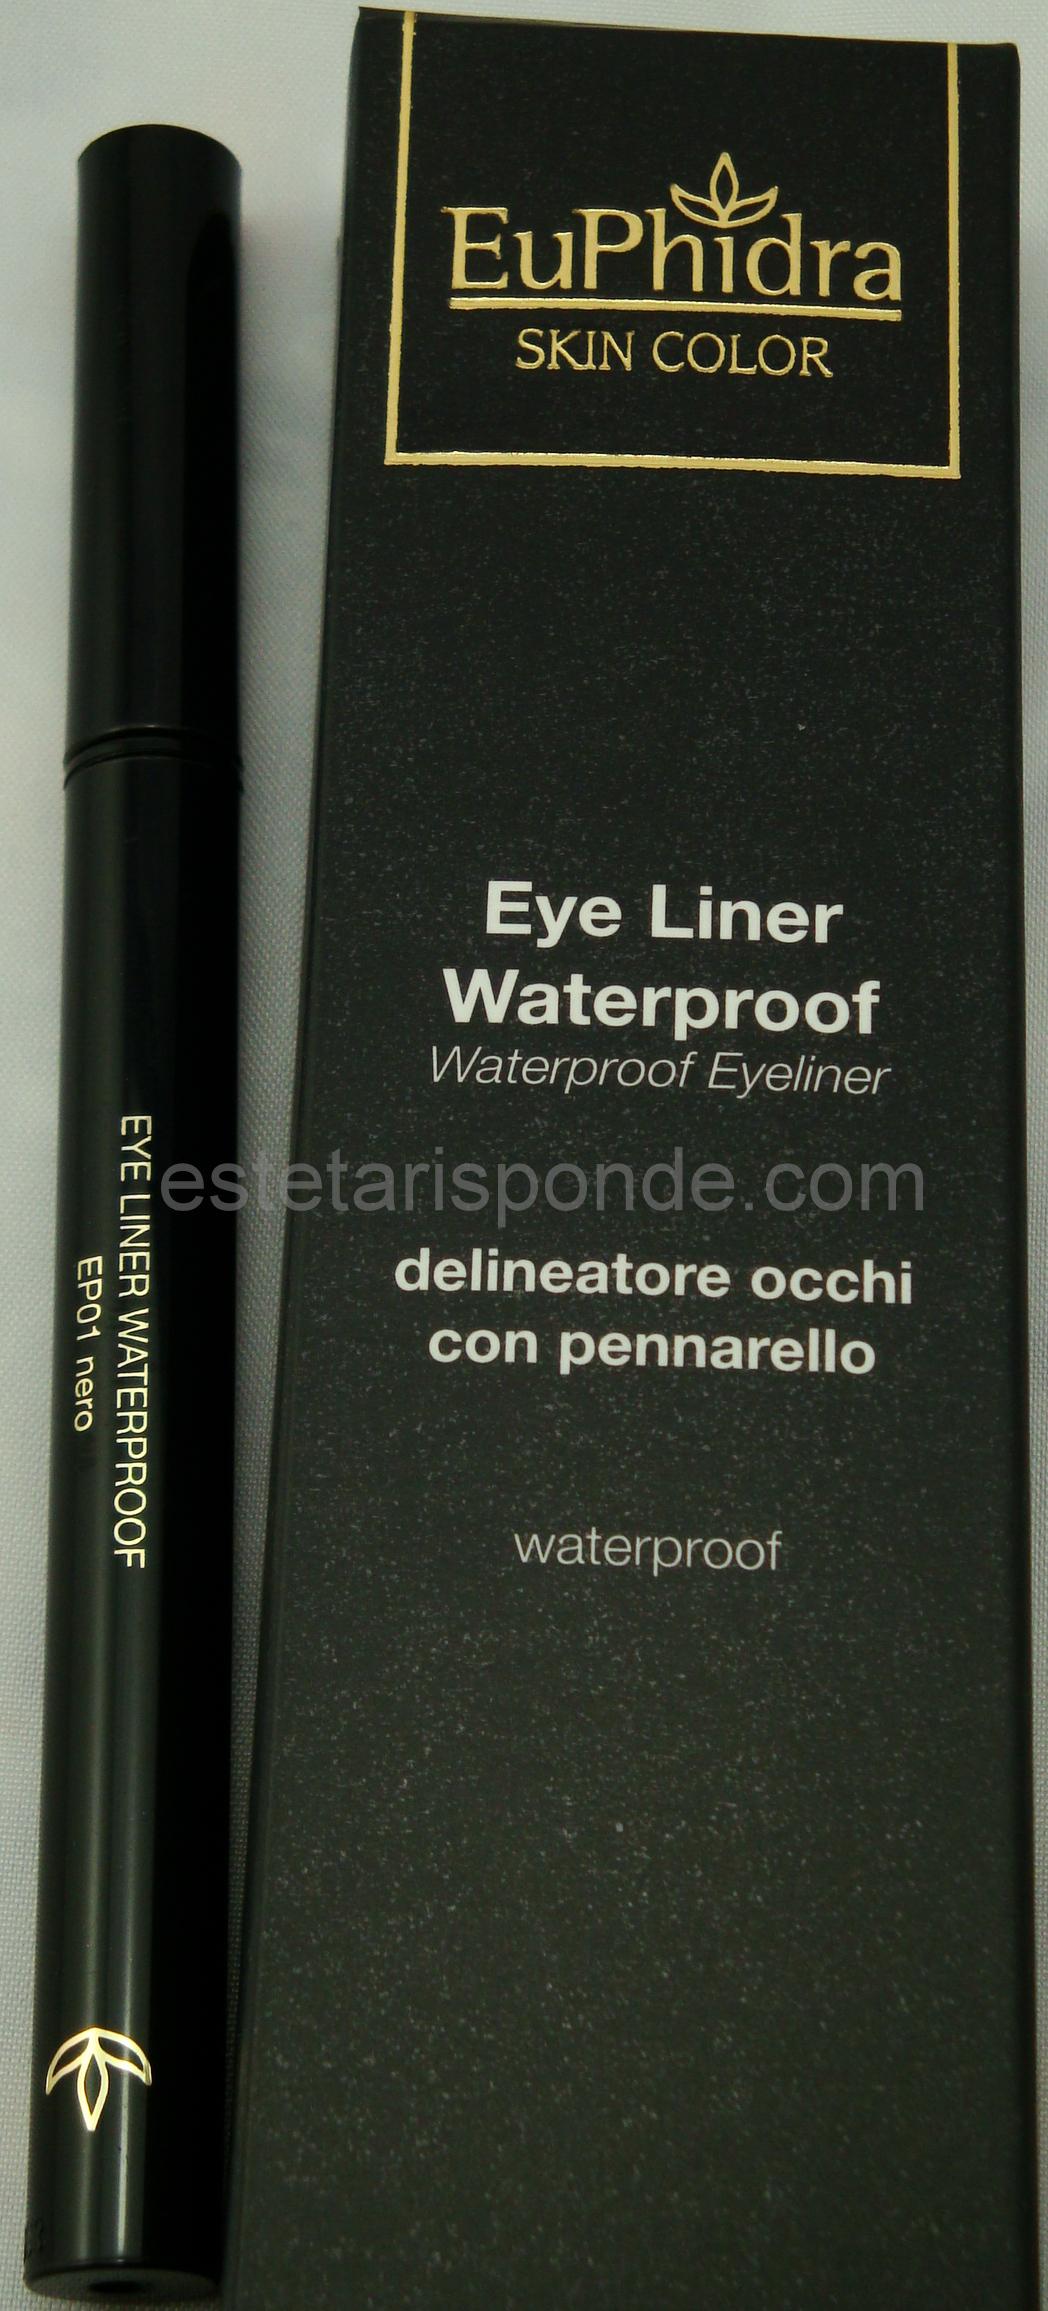 Eyeliner EuPhidra waterproof